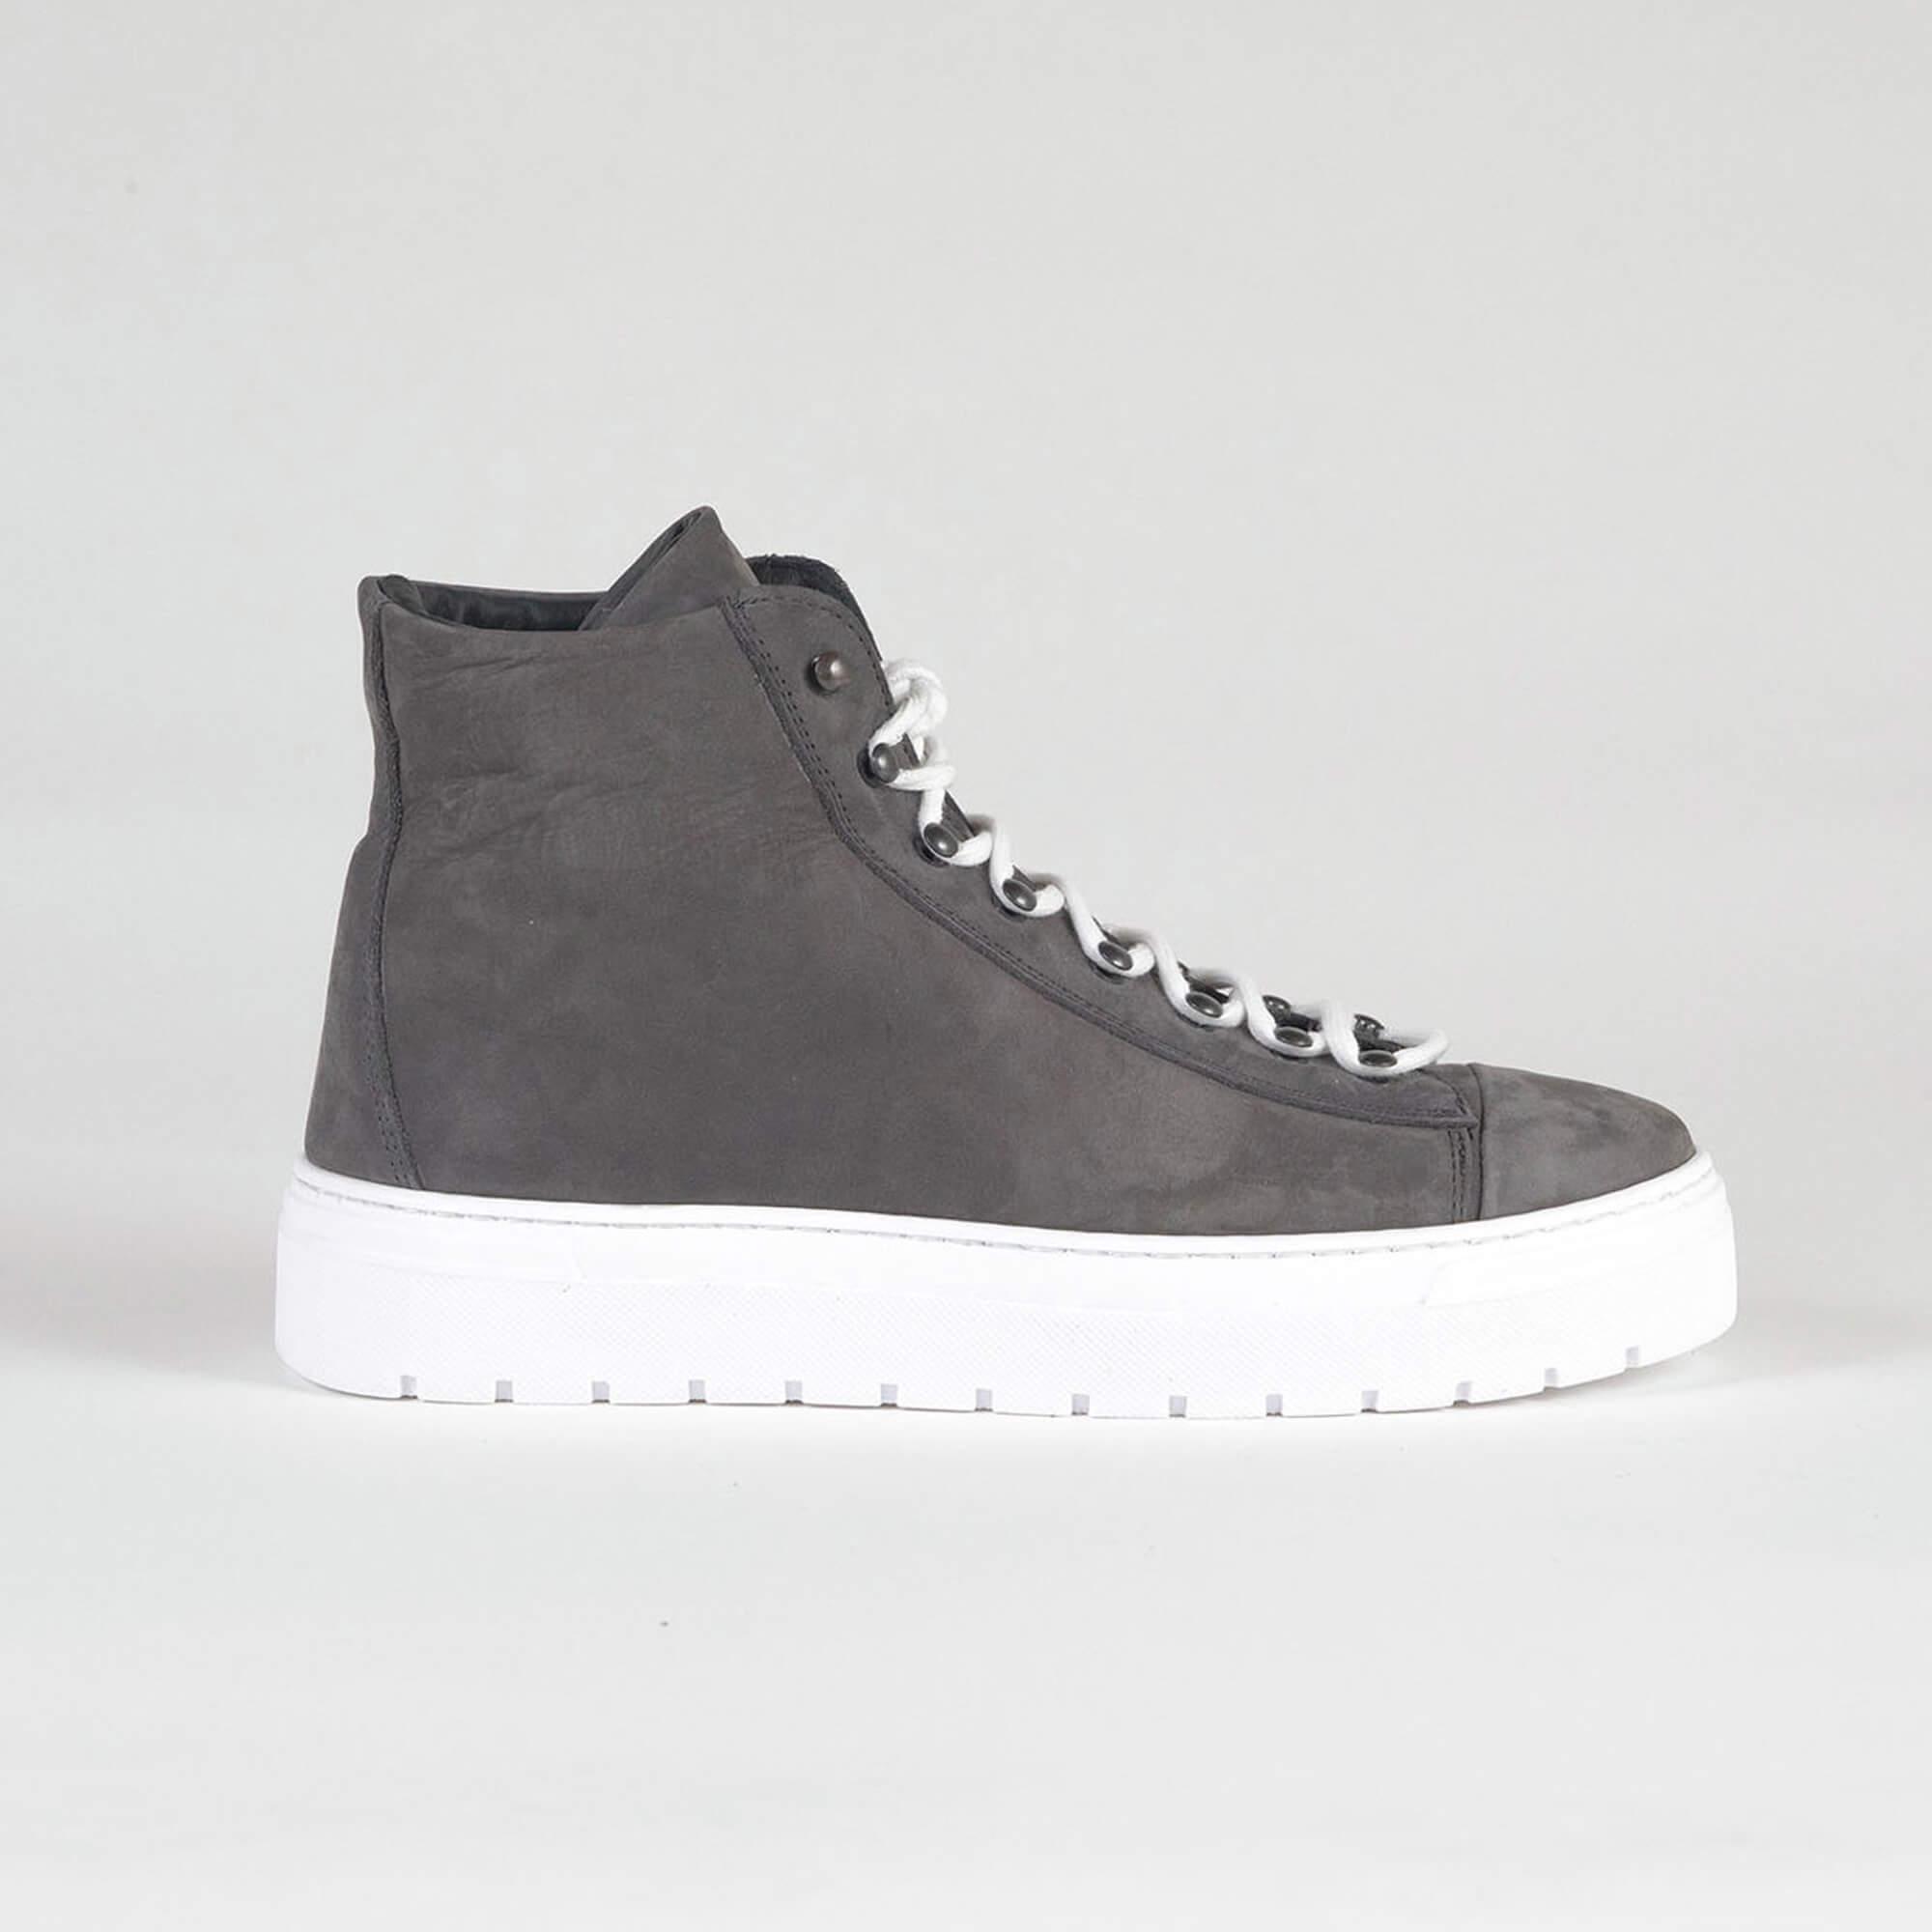 sneakers high grey side